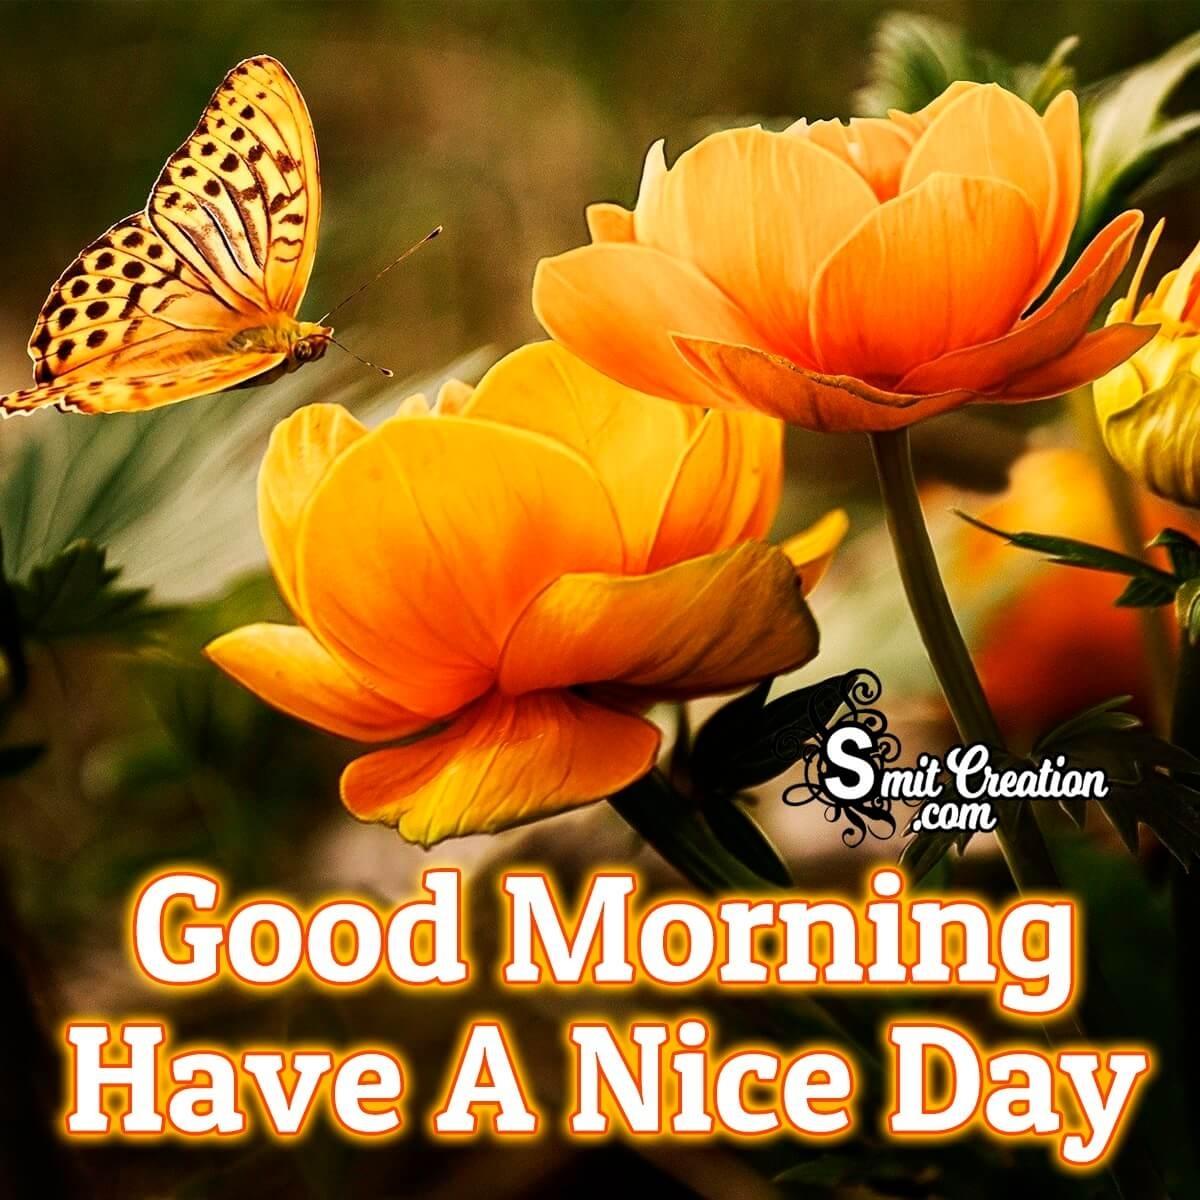 Good Morning Flowers Images Smitcreation Com